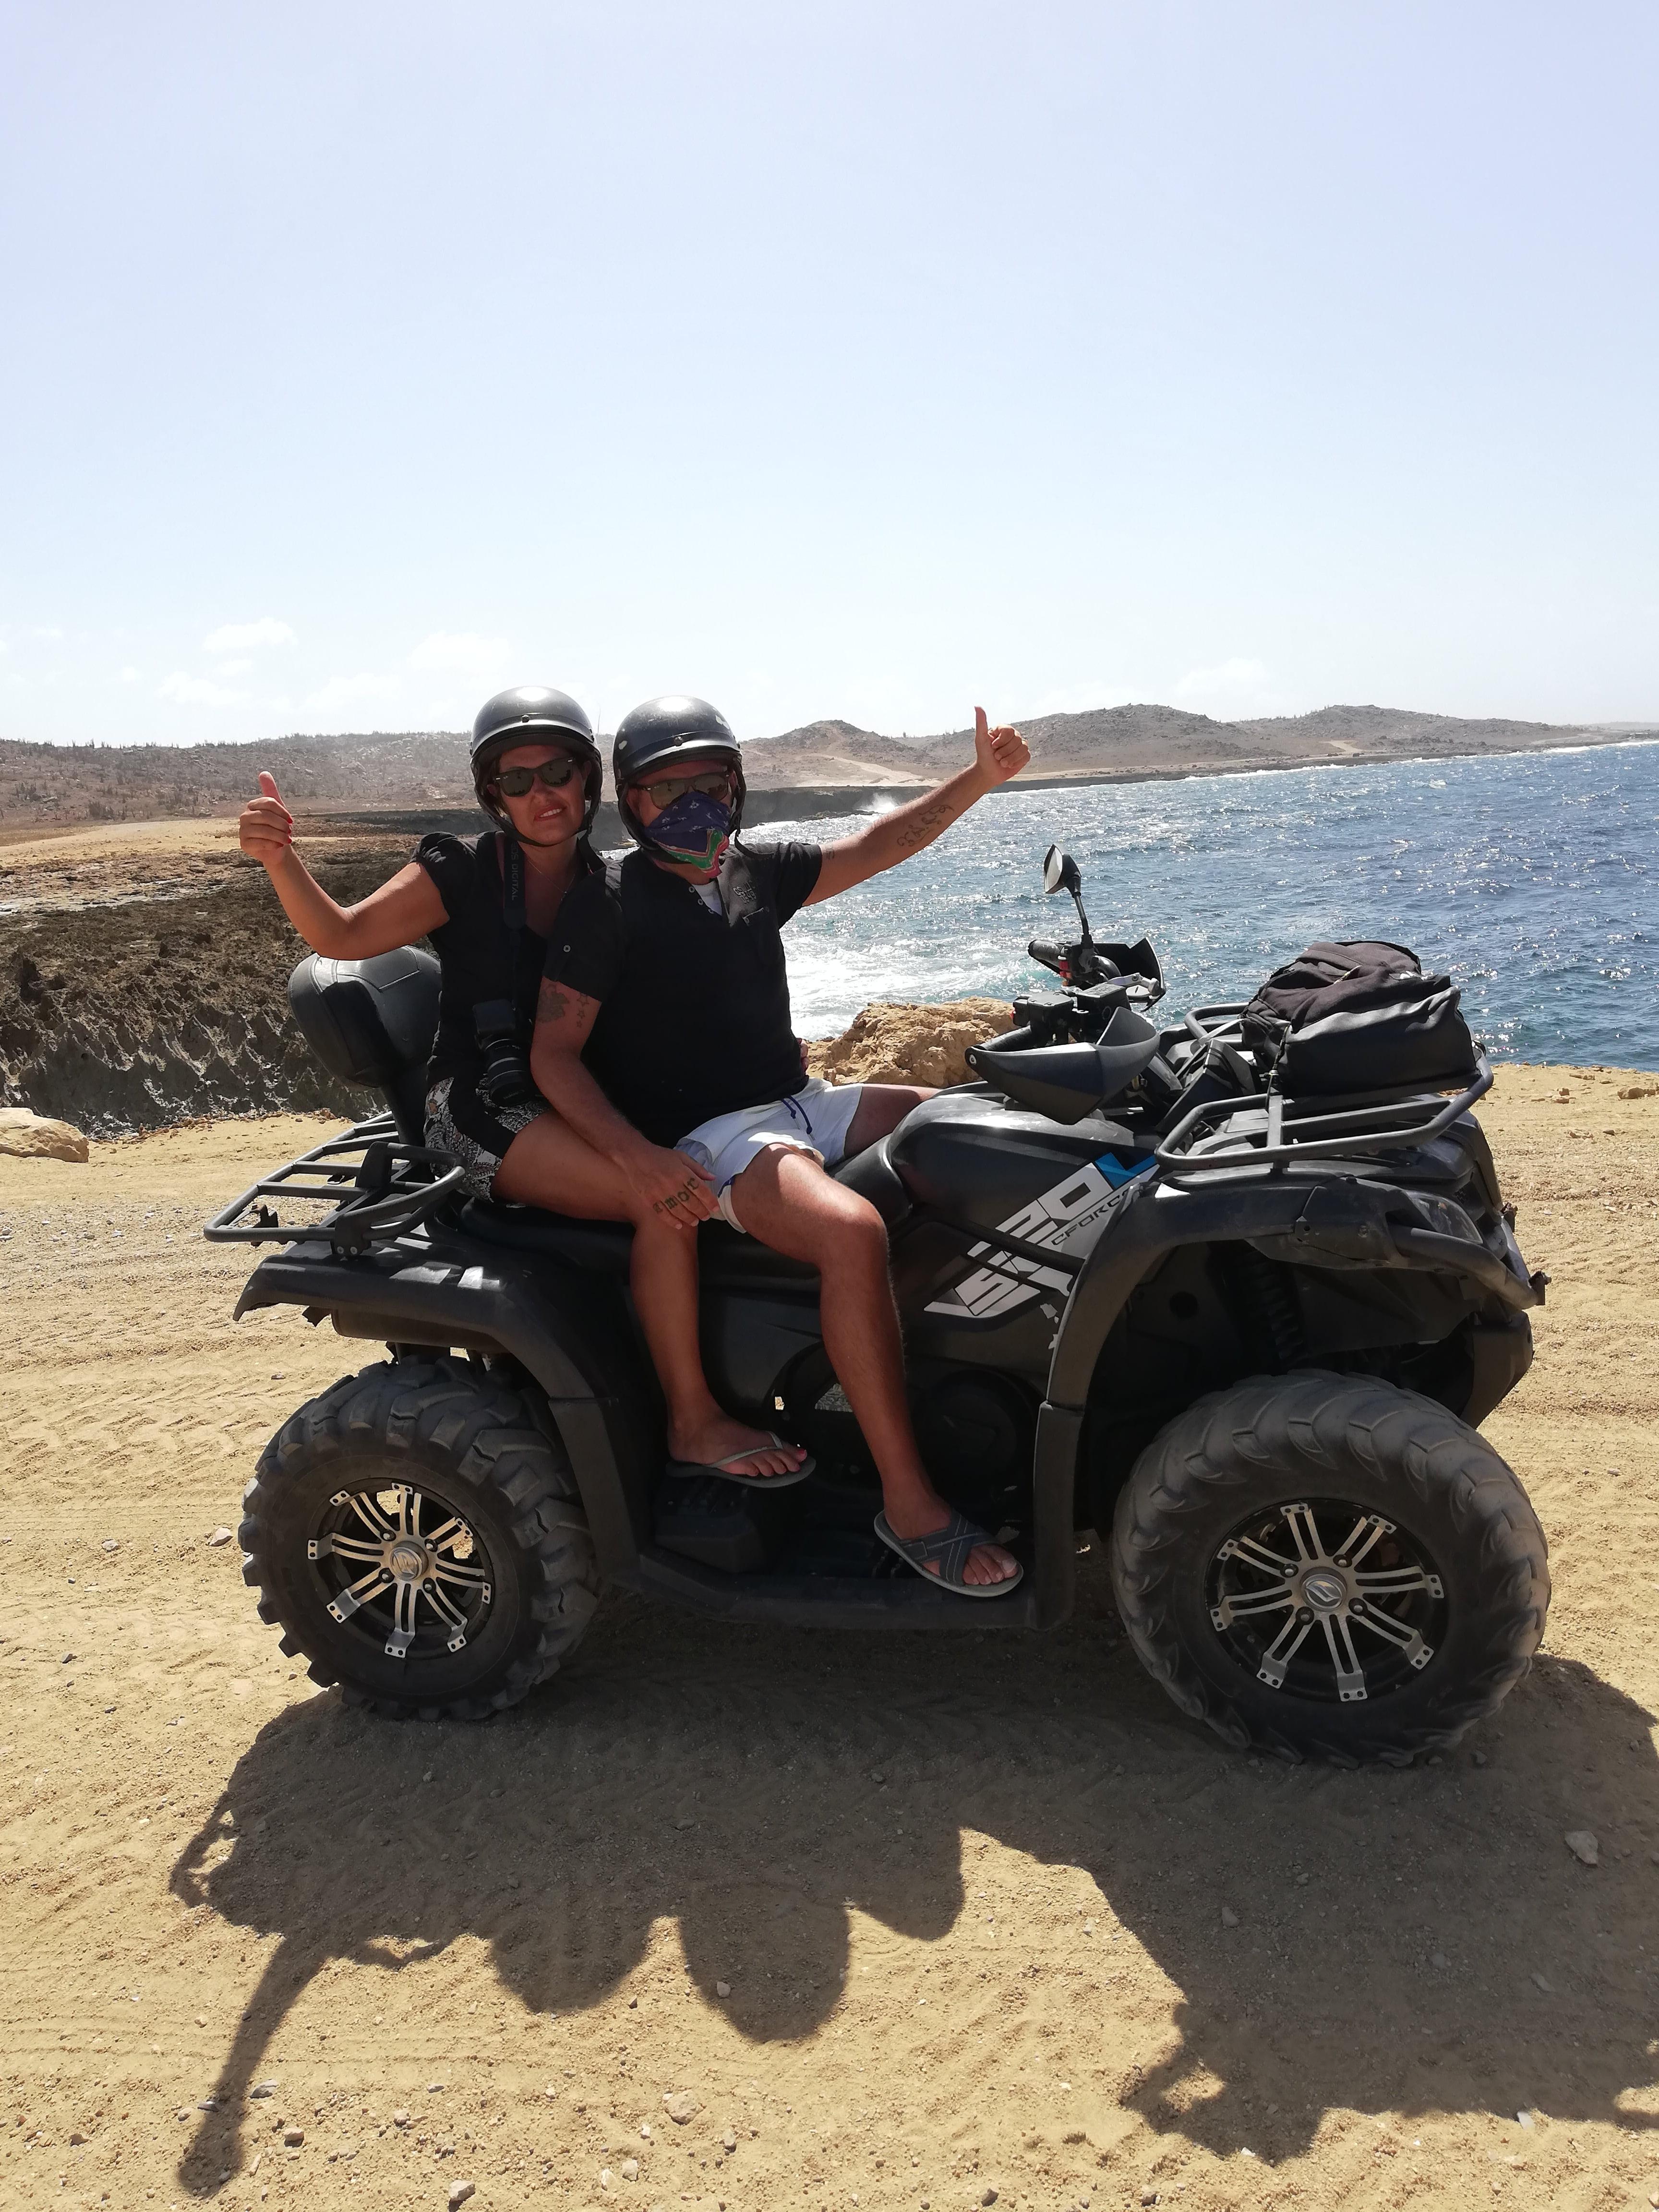 COSA FARE AD ARUBA: ACTION TOURS CON ATV (QUAD)